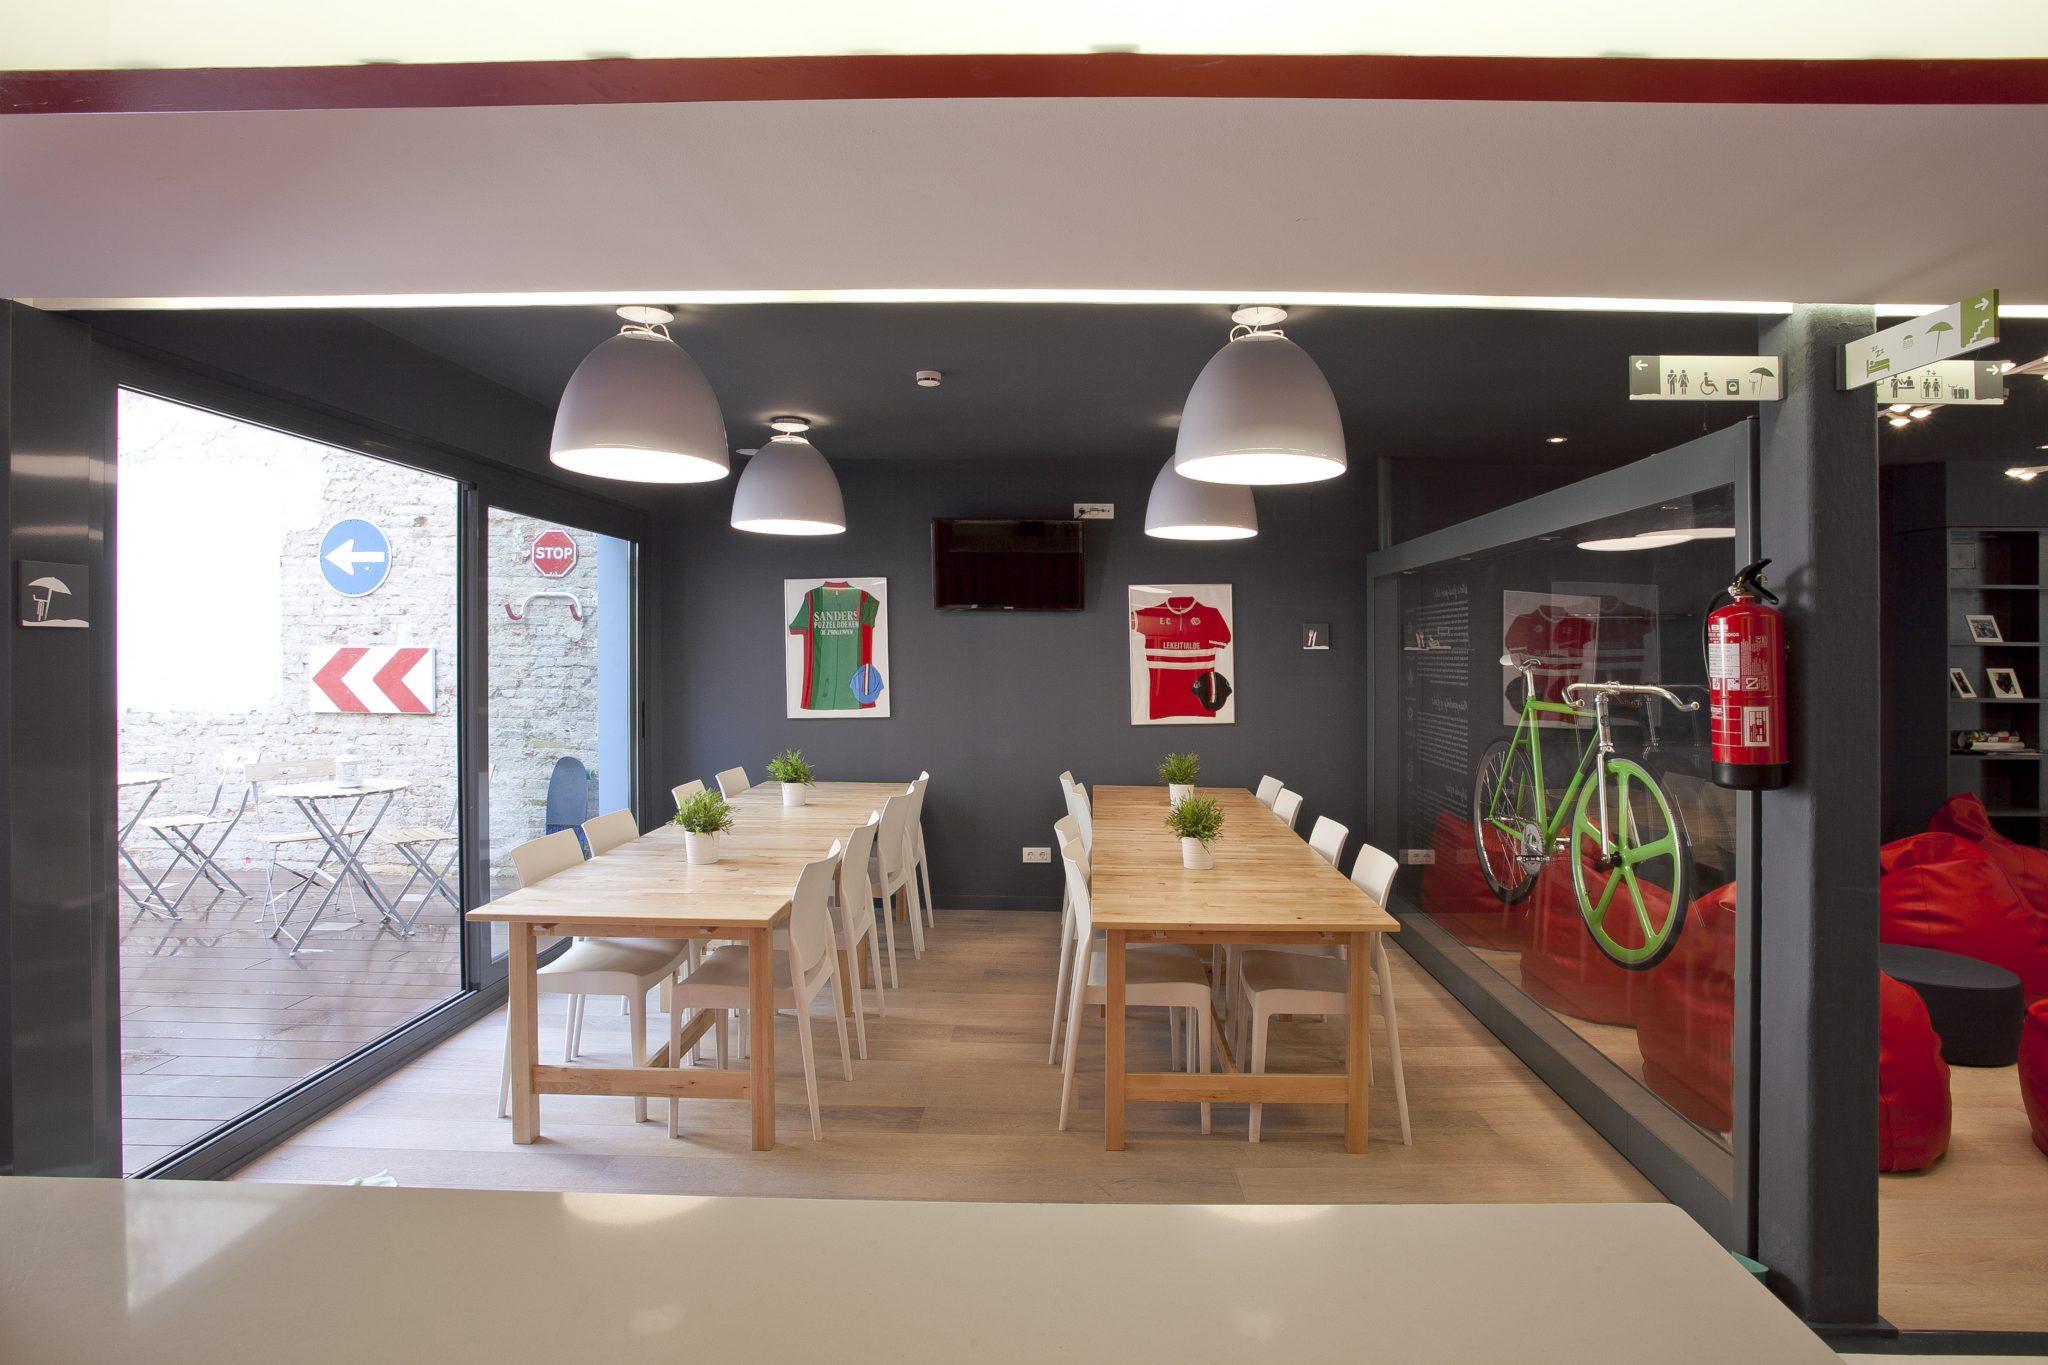 Sant Jordi Hostel Gracia Barcelona - Rosa Colet